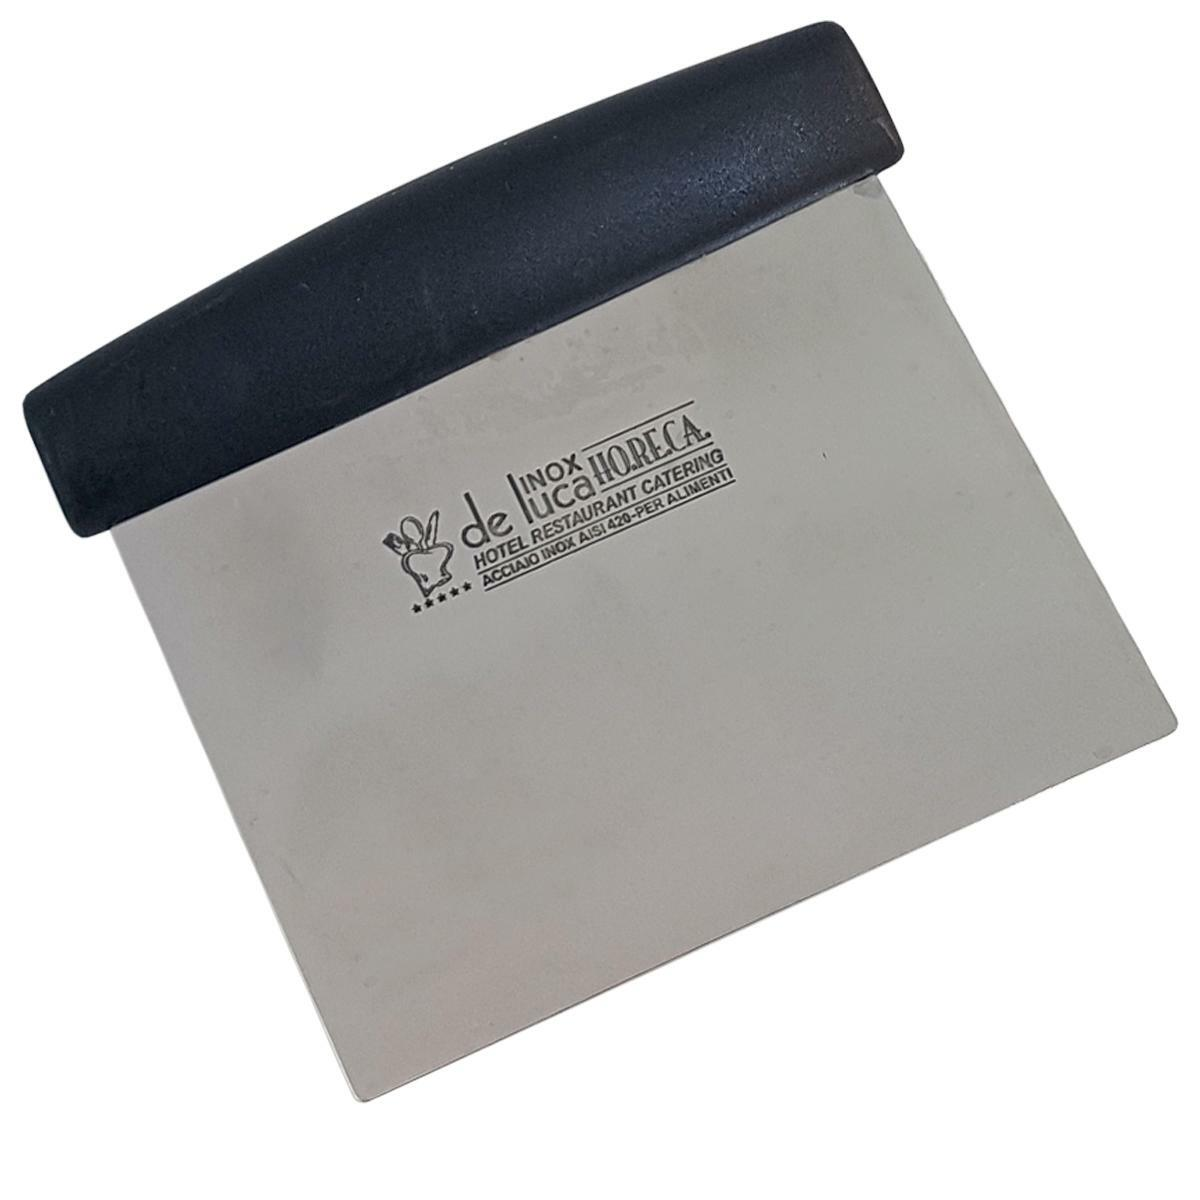 de luca spatola taglia pasta inox 12x8 cm